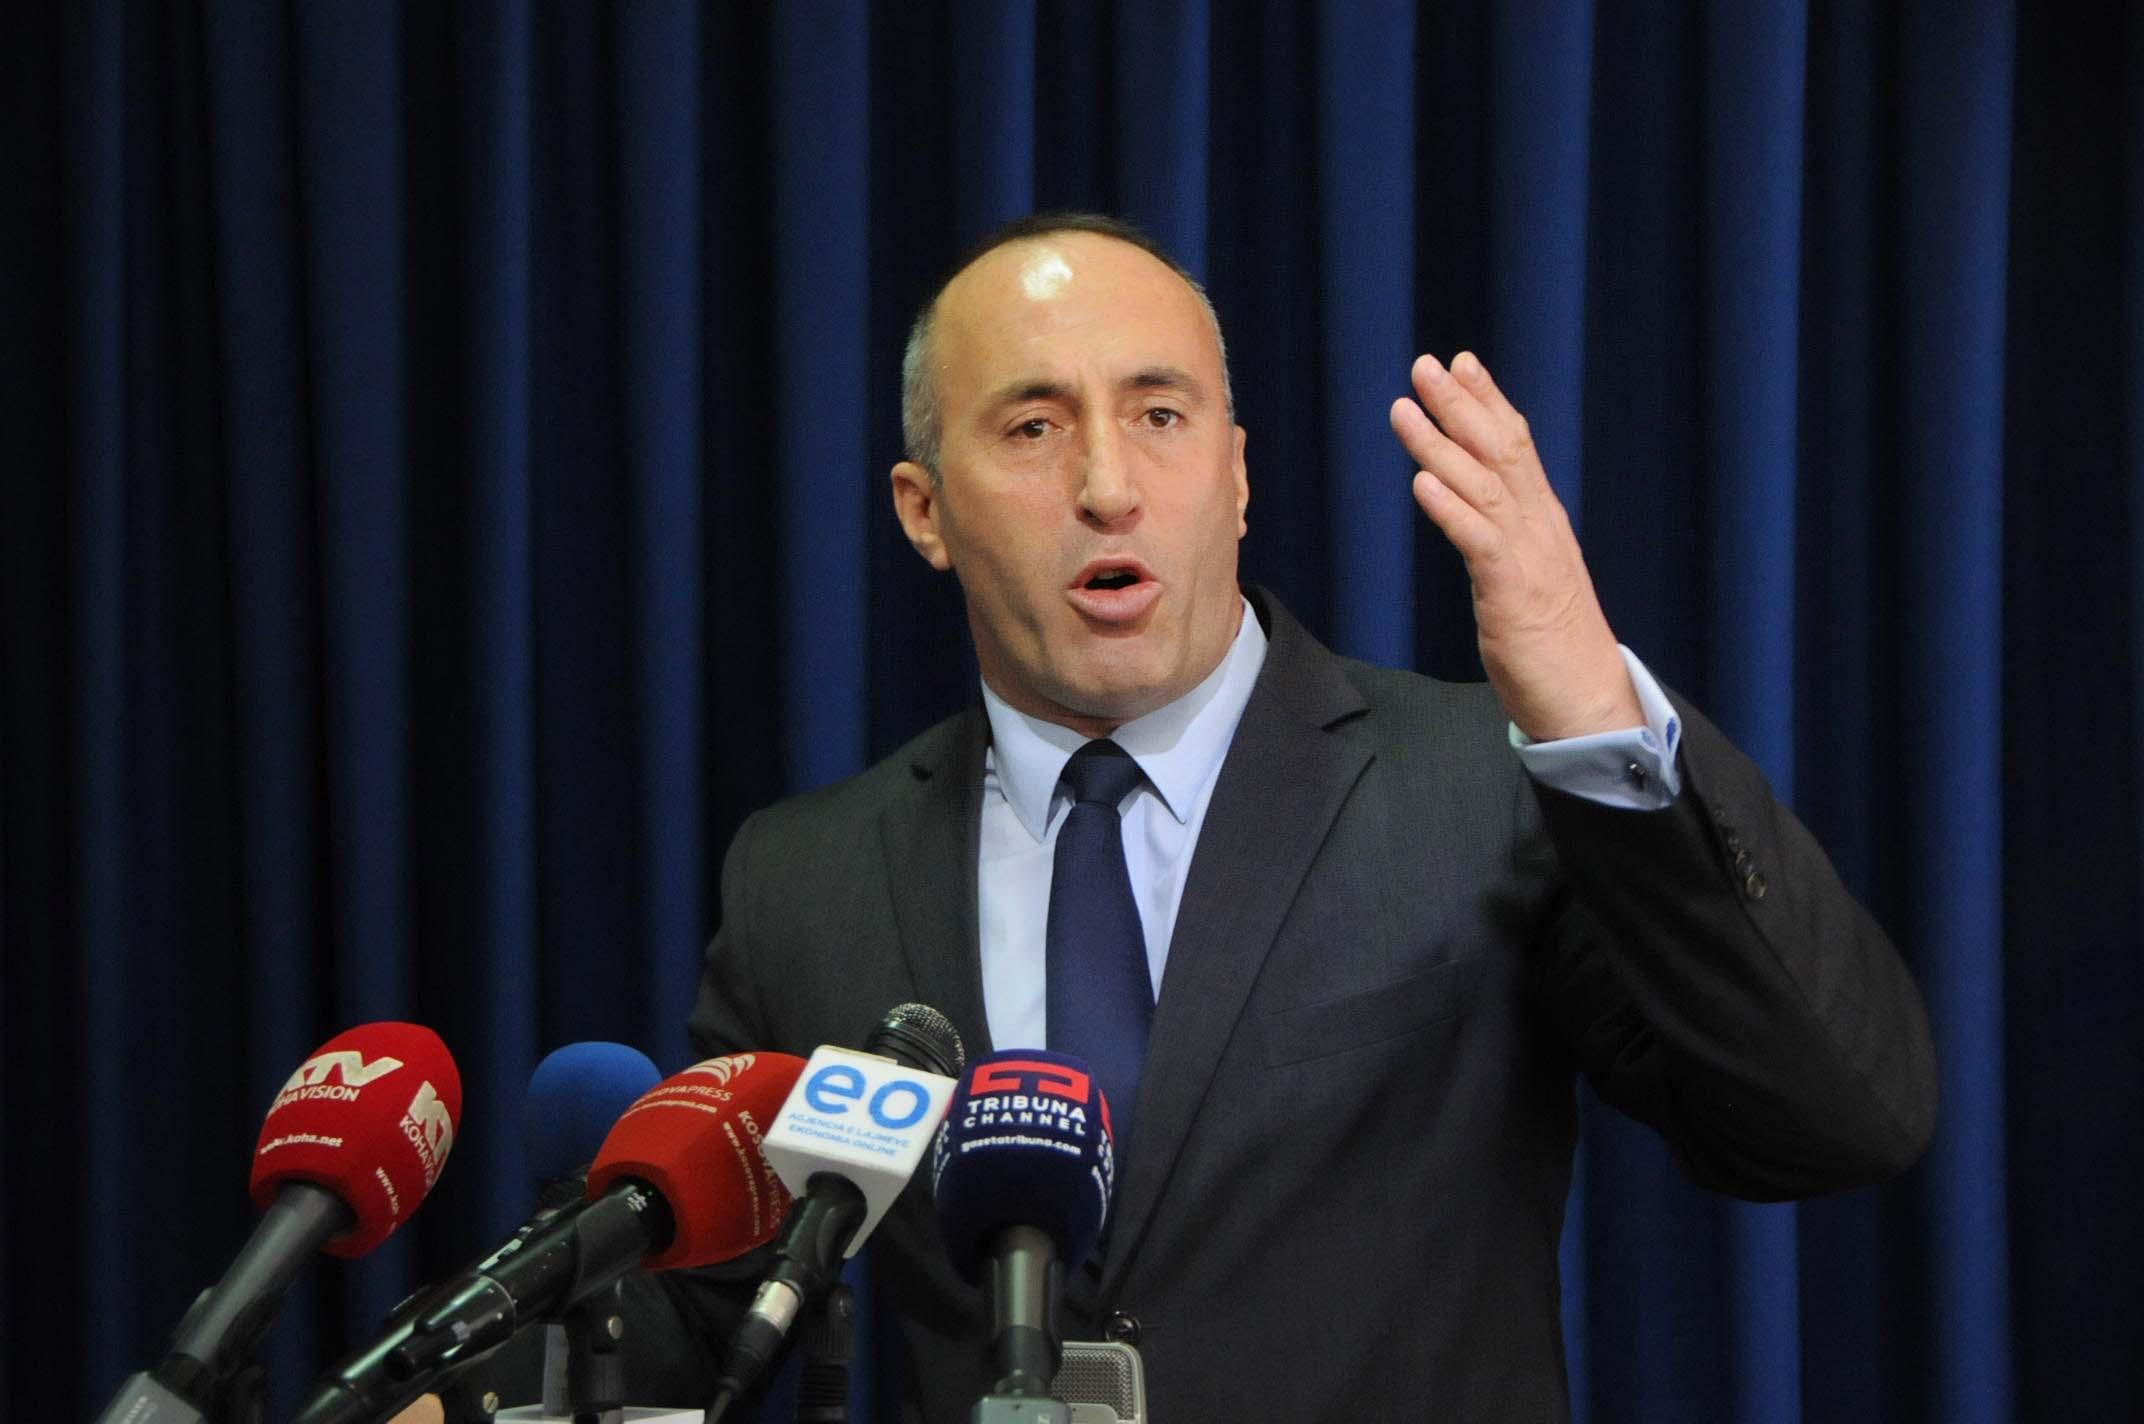 Haradinaj letrën e Donald Trump dërguar Thaçit e sheh si një lajm të mirë për Kosovën